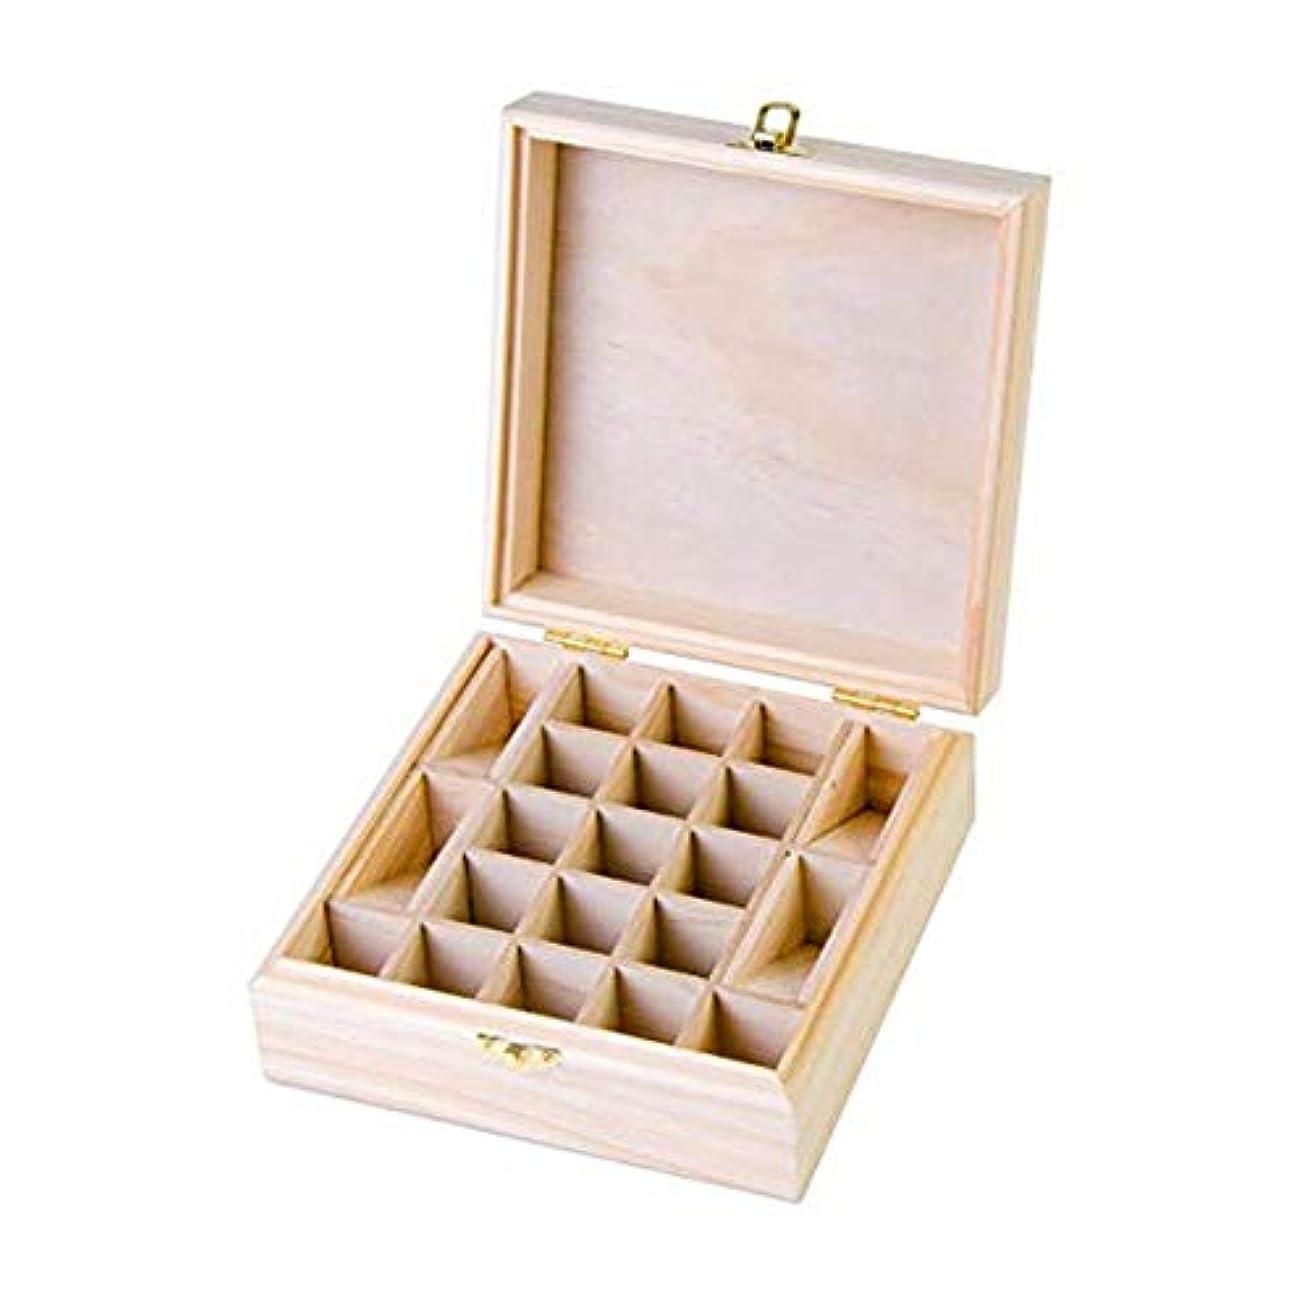 絞る下に向けます打ち負かす21グリッド木製エッセンシャルオイル収納ボックス 精油収納ケース ナチュラルパインウッド製 手作り 工芸品 5-15ml用 junexi